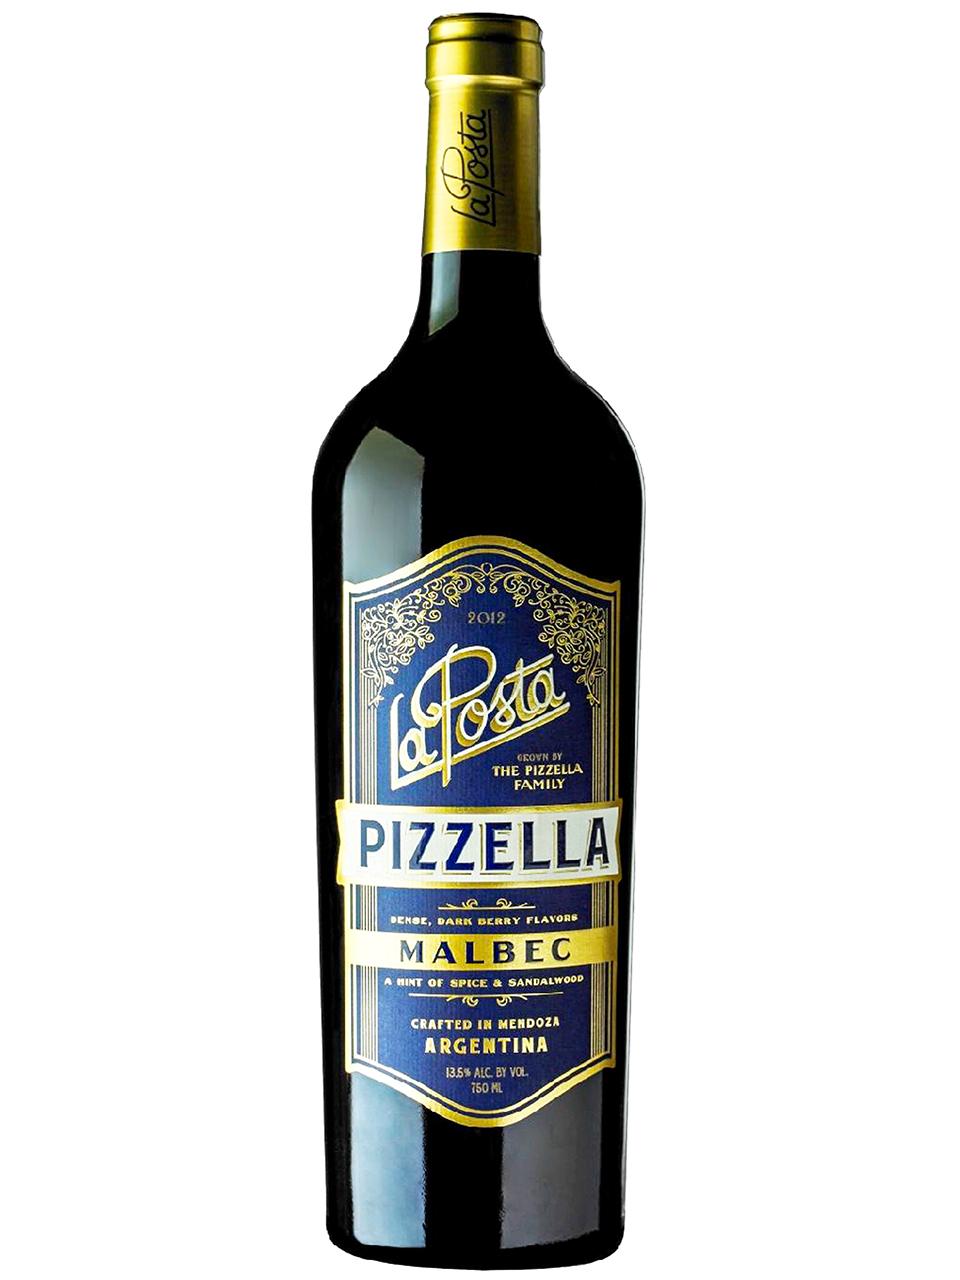 La Posta Malbec Pizzella Family